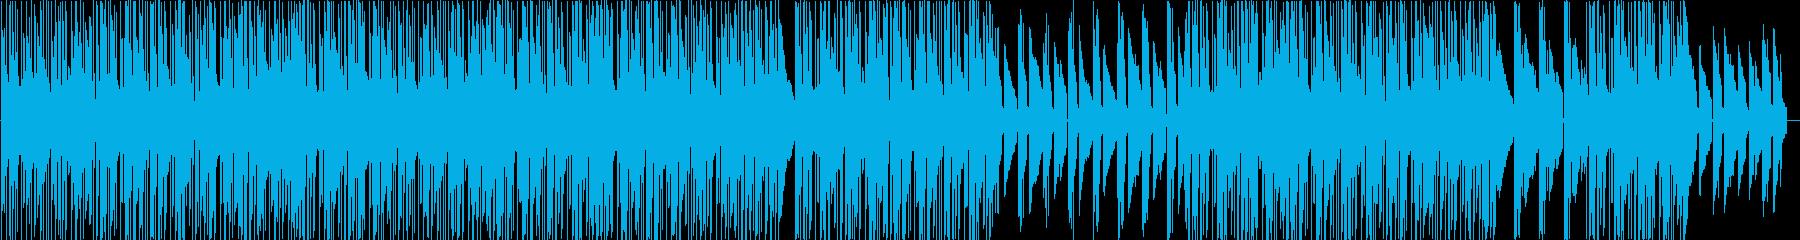 ポップなエレピ主体チュートリアル用BGMの再生済みの波形